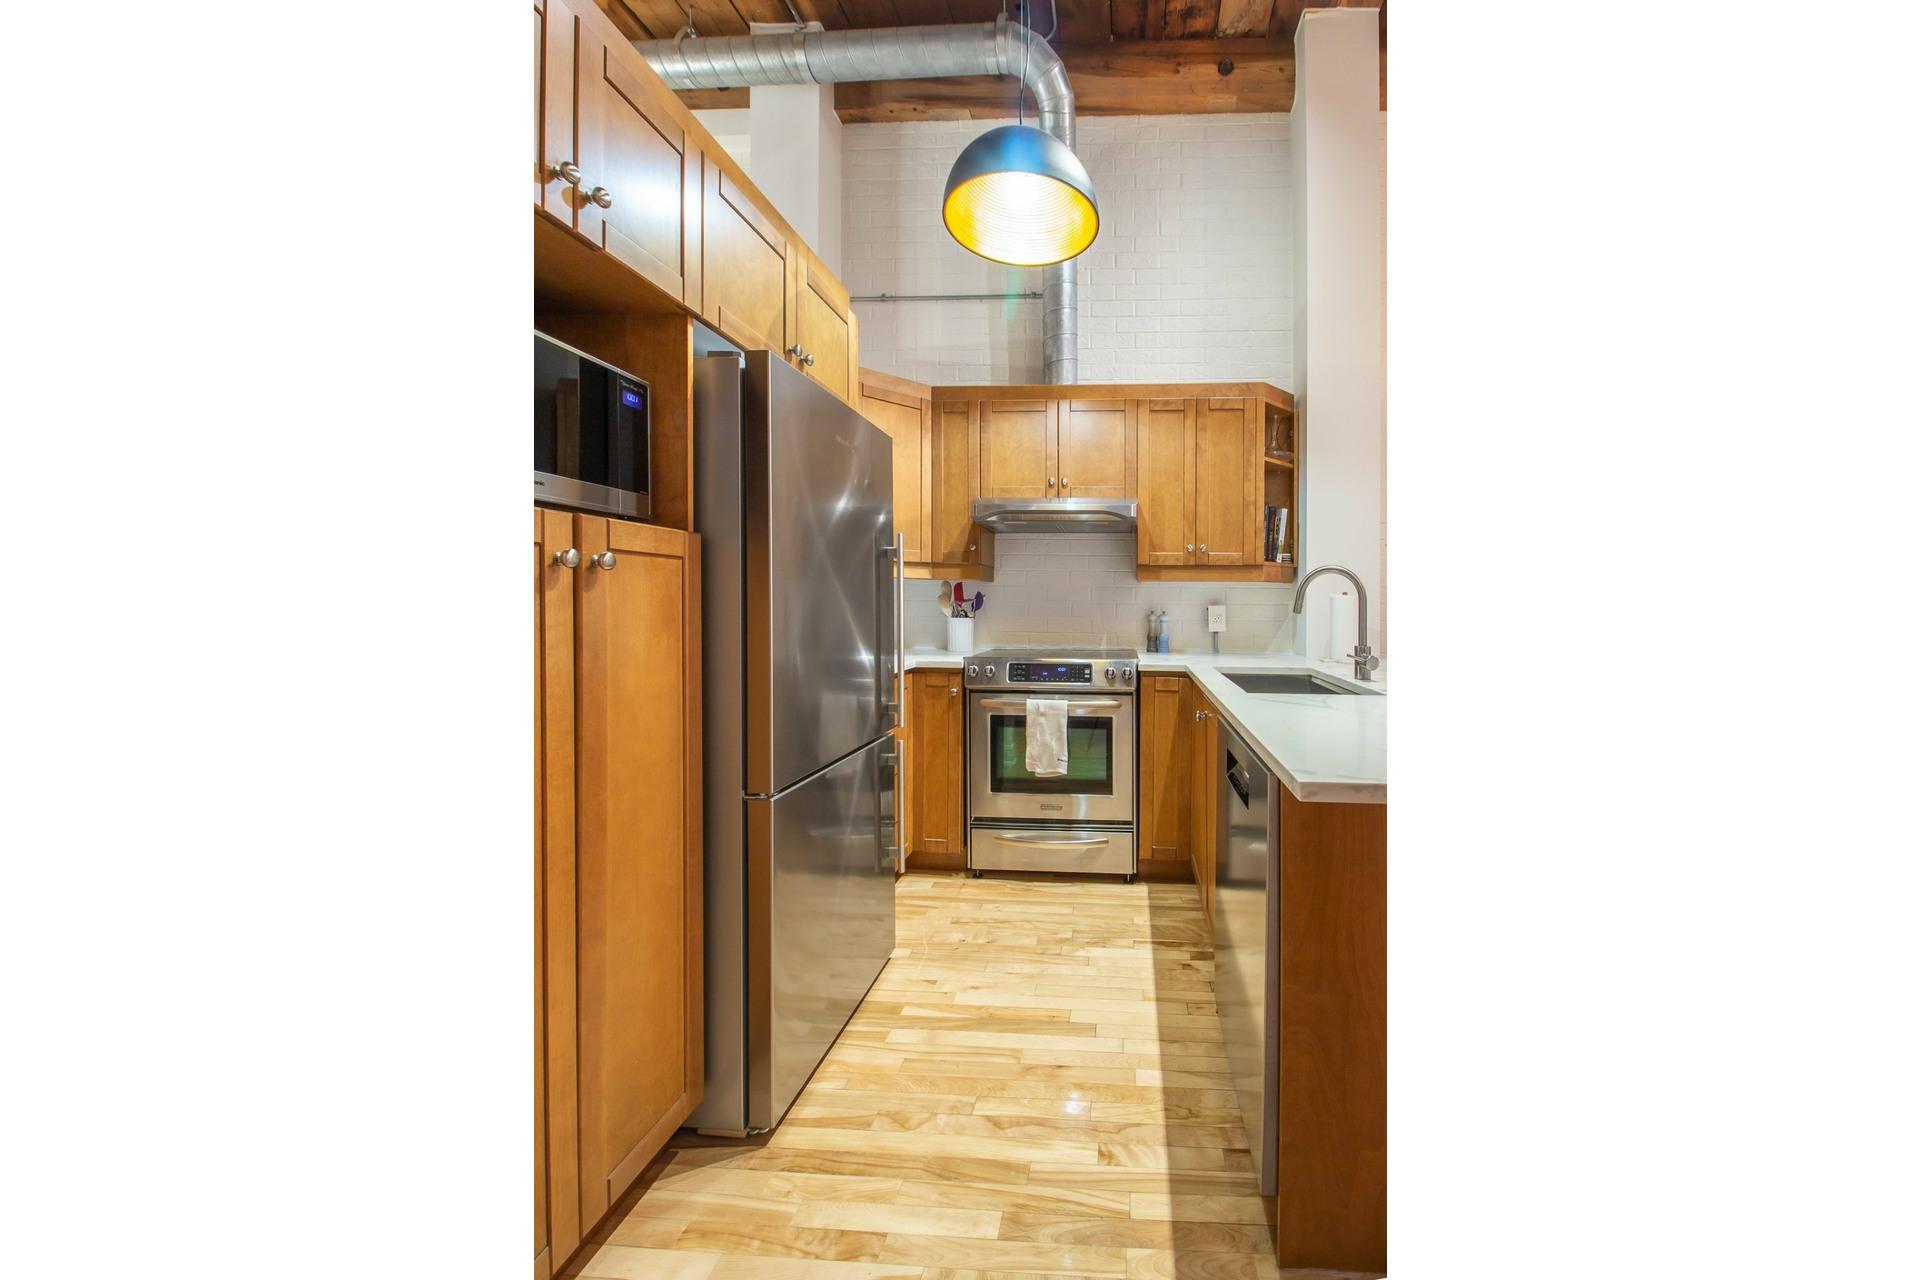 image 8 - Appartement À vendre Le Sud-Ouest Montréal  - 3 pièces